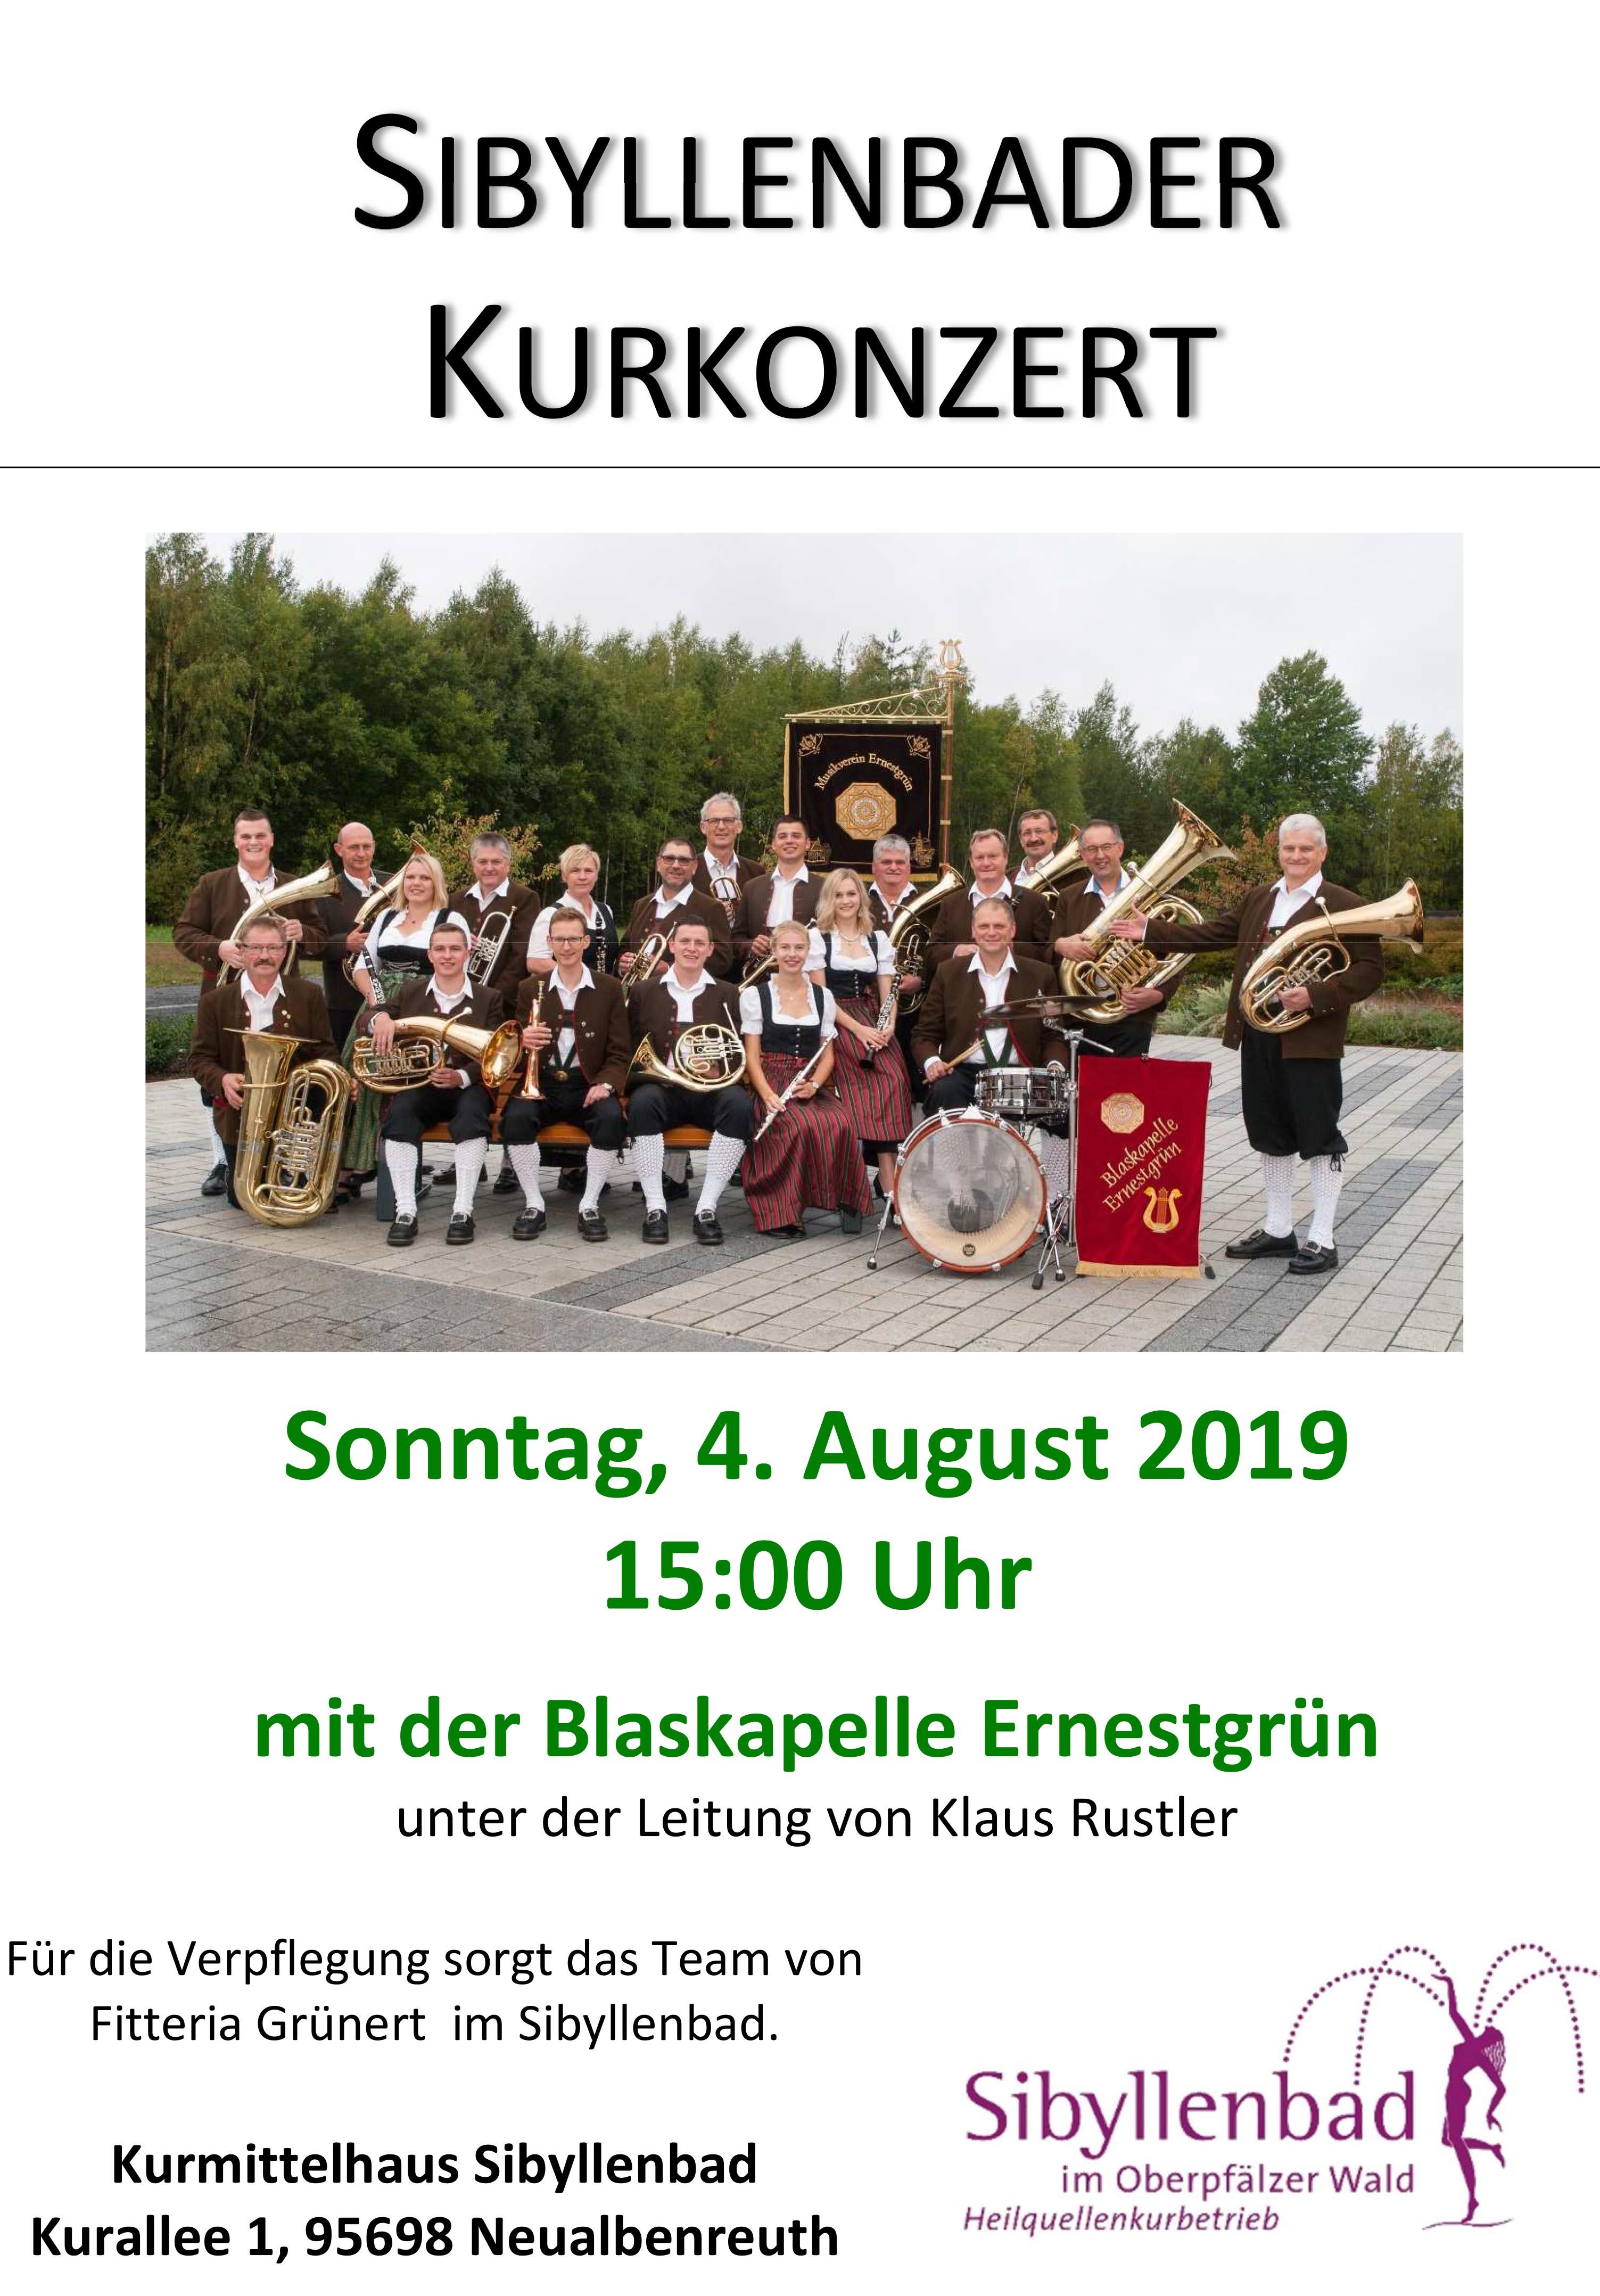 2019-08-04 Kurkonzert Ernestgrüner